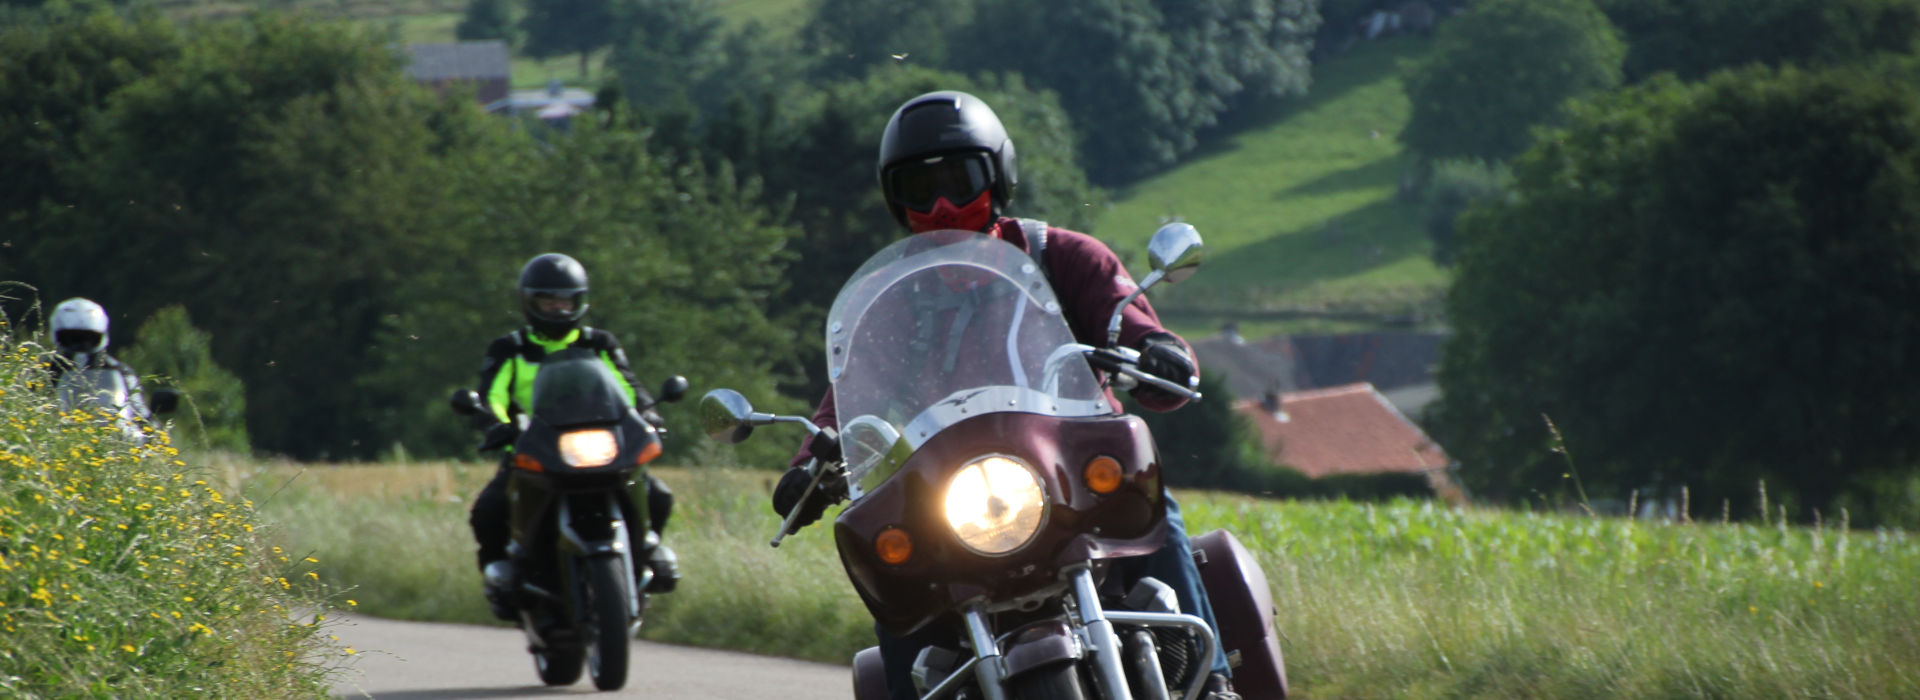 Motorrijbewijspoint Wezep snelcursus motorrijbewijs